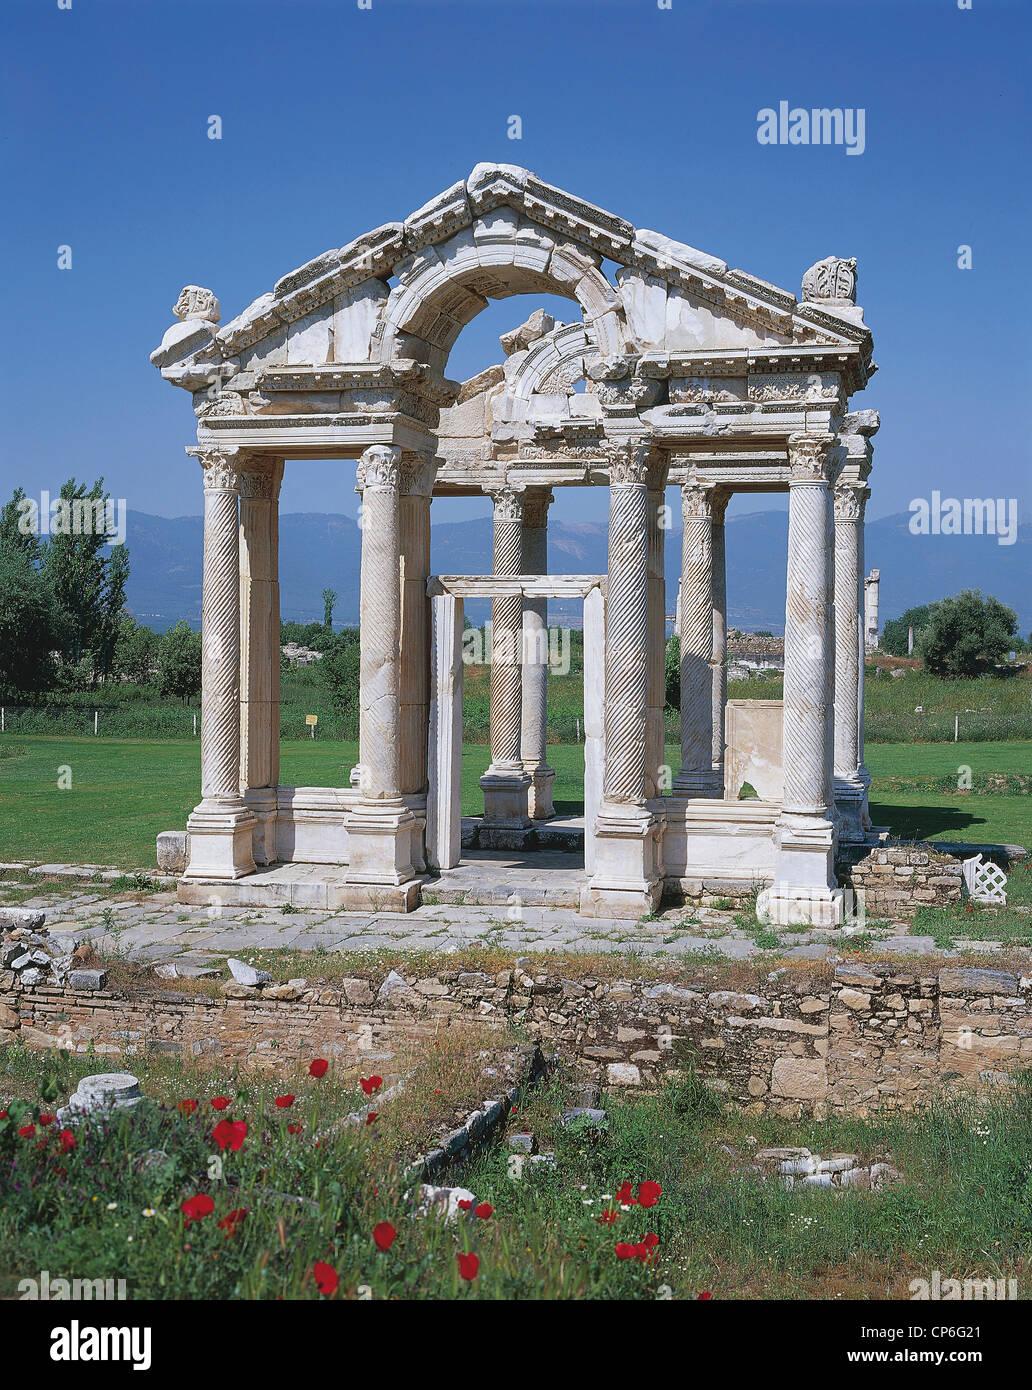 Turkey - Aphrodisias - The Tetrapylon, II century AD - Stock Image